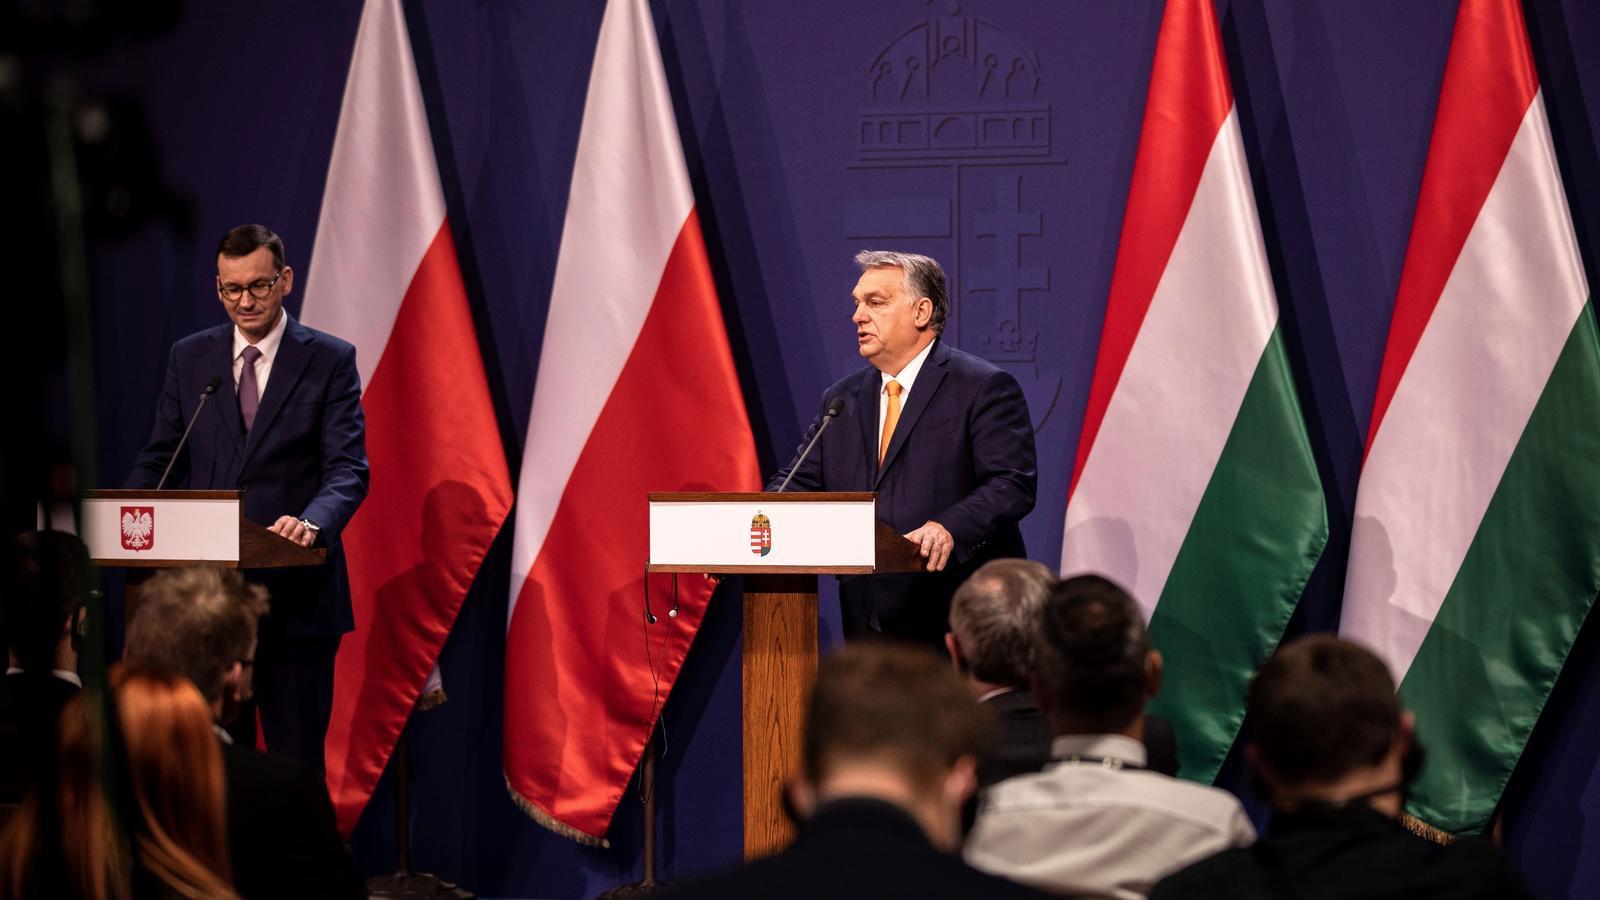 El primer ministre polonès,  Mateusz Morawiecki, i el primer ministre d'Hongria, Viktor Orbán.